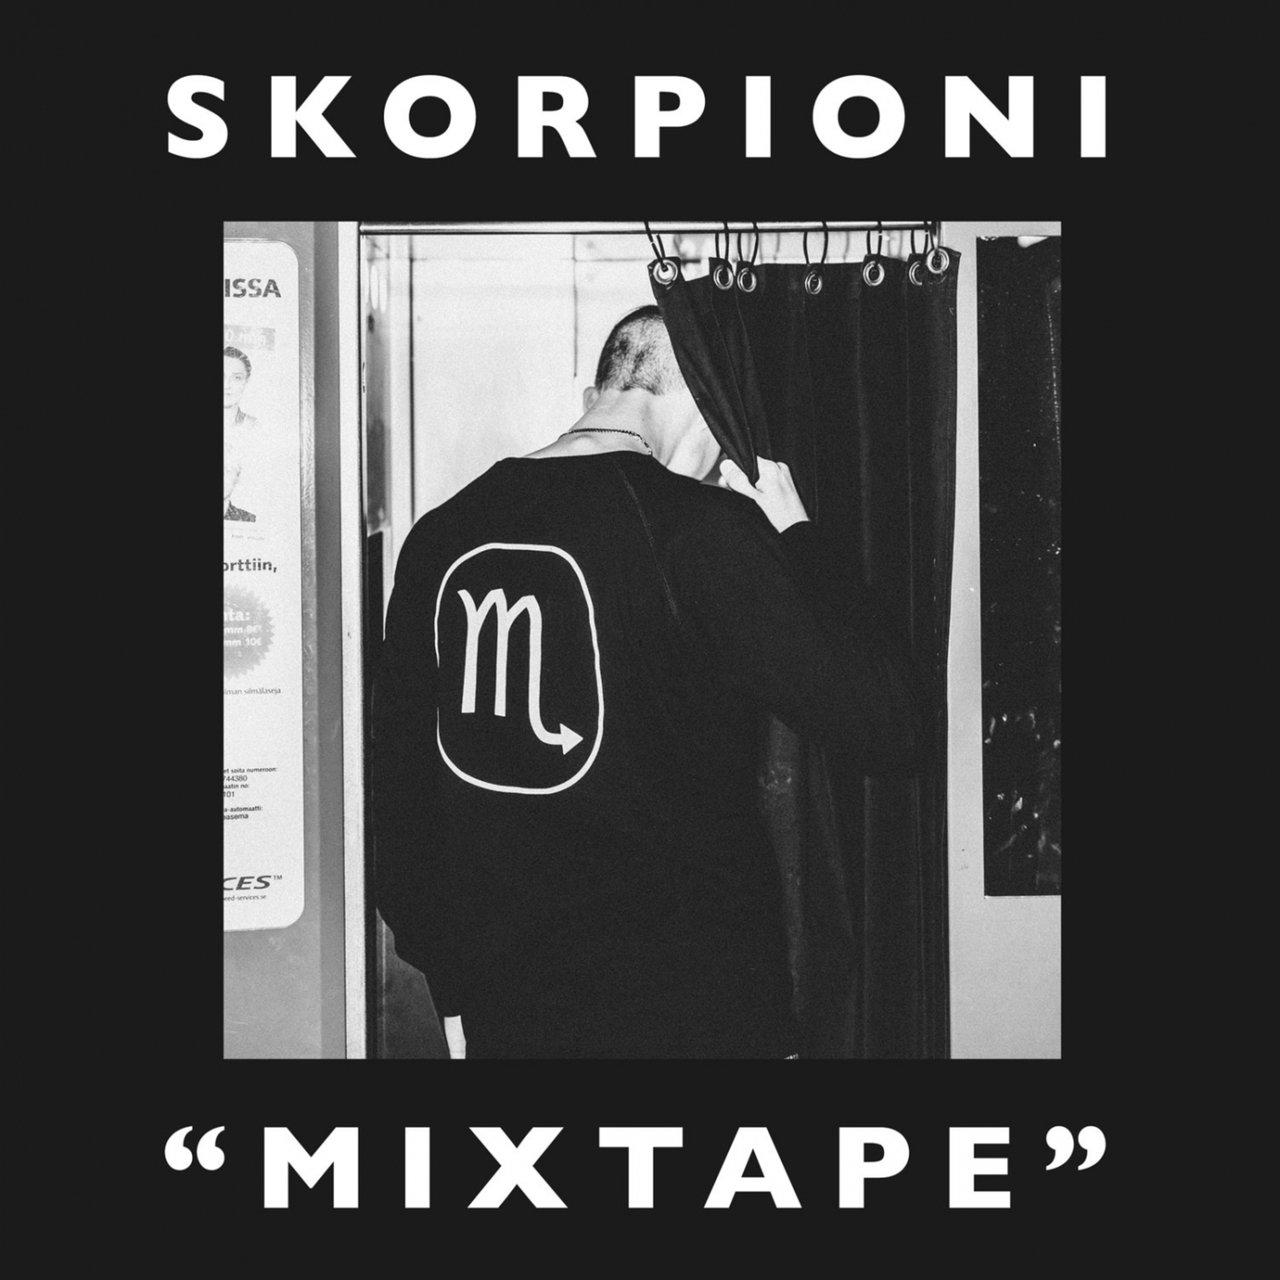 Skorpioni Mixtape